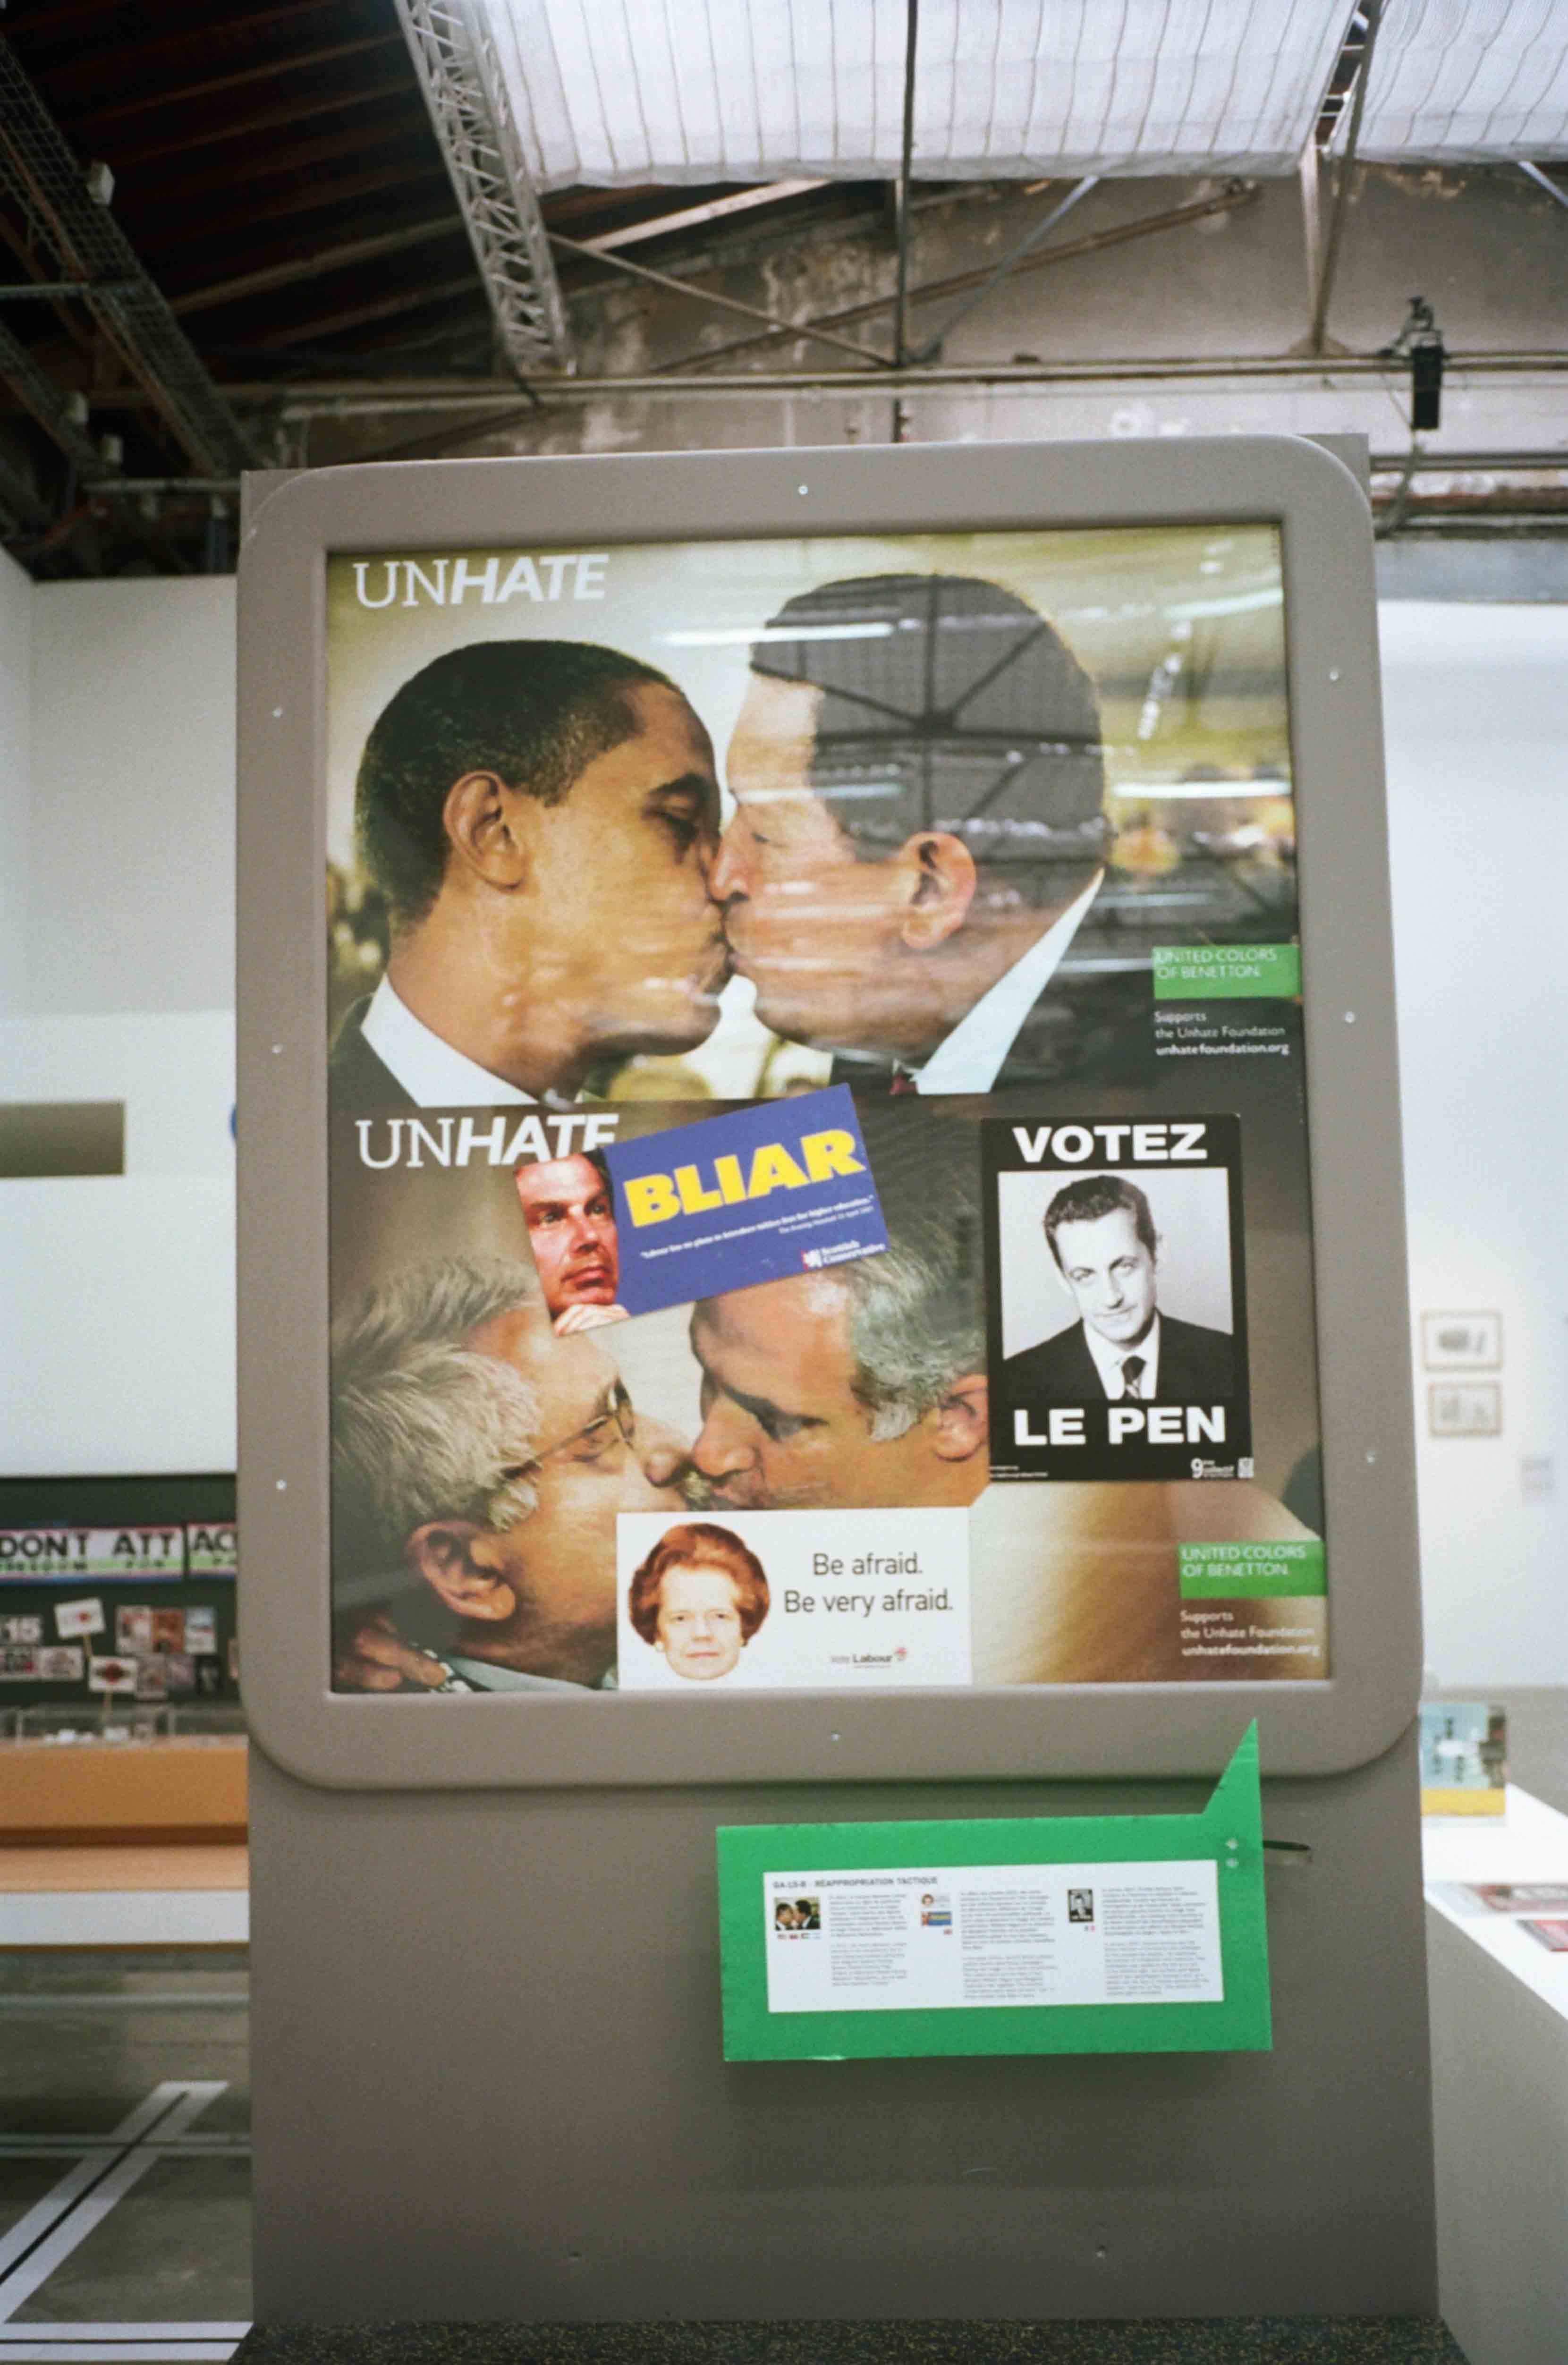 Vue de l'exposition L'Ennemi de mon ennemi de Neïl Beloufa au Palais de Tokyo rassemblant une imagerie hétéroclite, entre affiches politiques, peintures, vidéos, livres de propagande, etc. Photo par Pierre-Ange Carlotti.